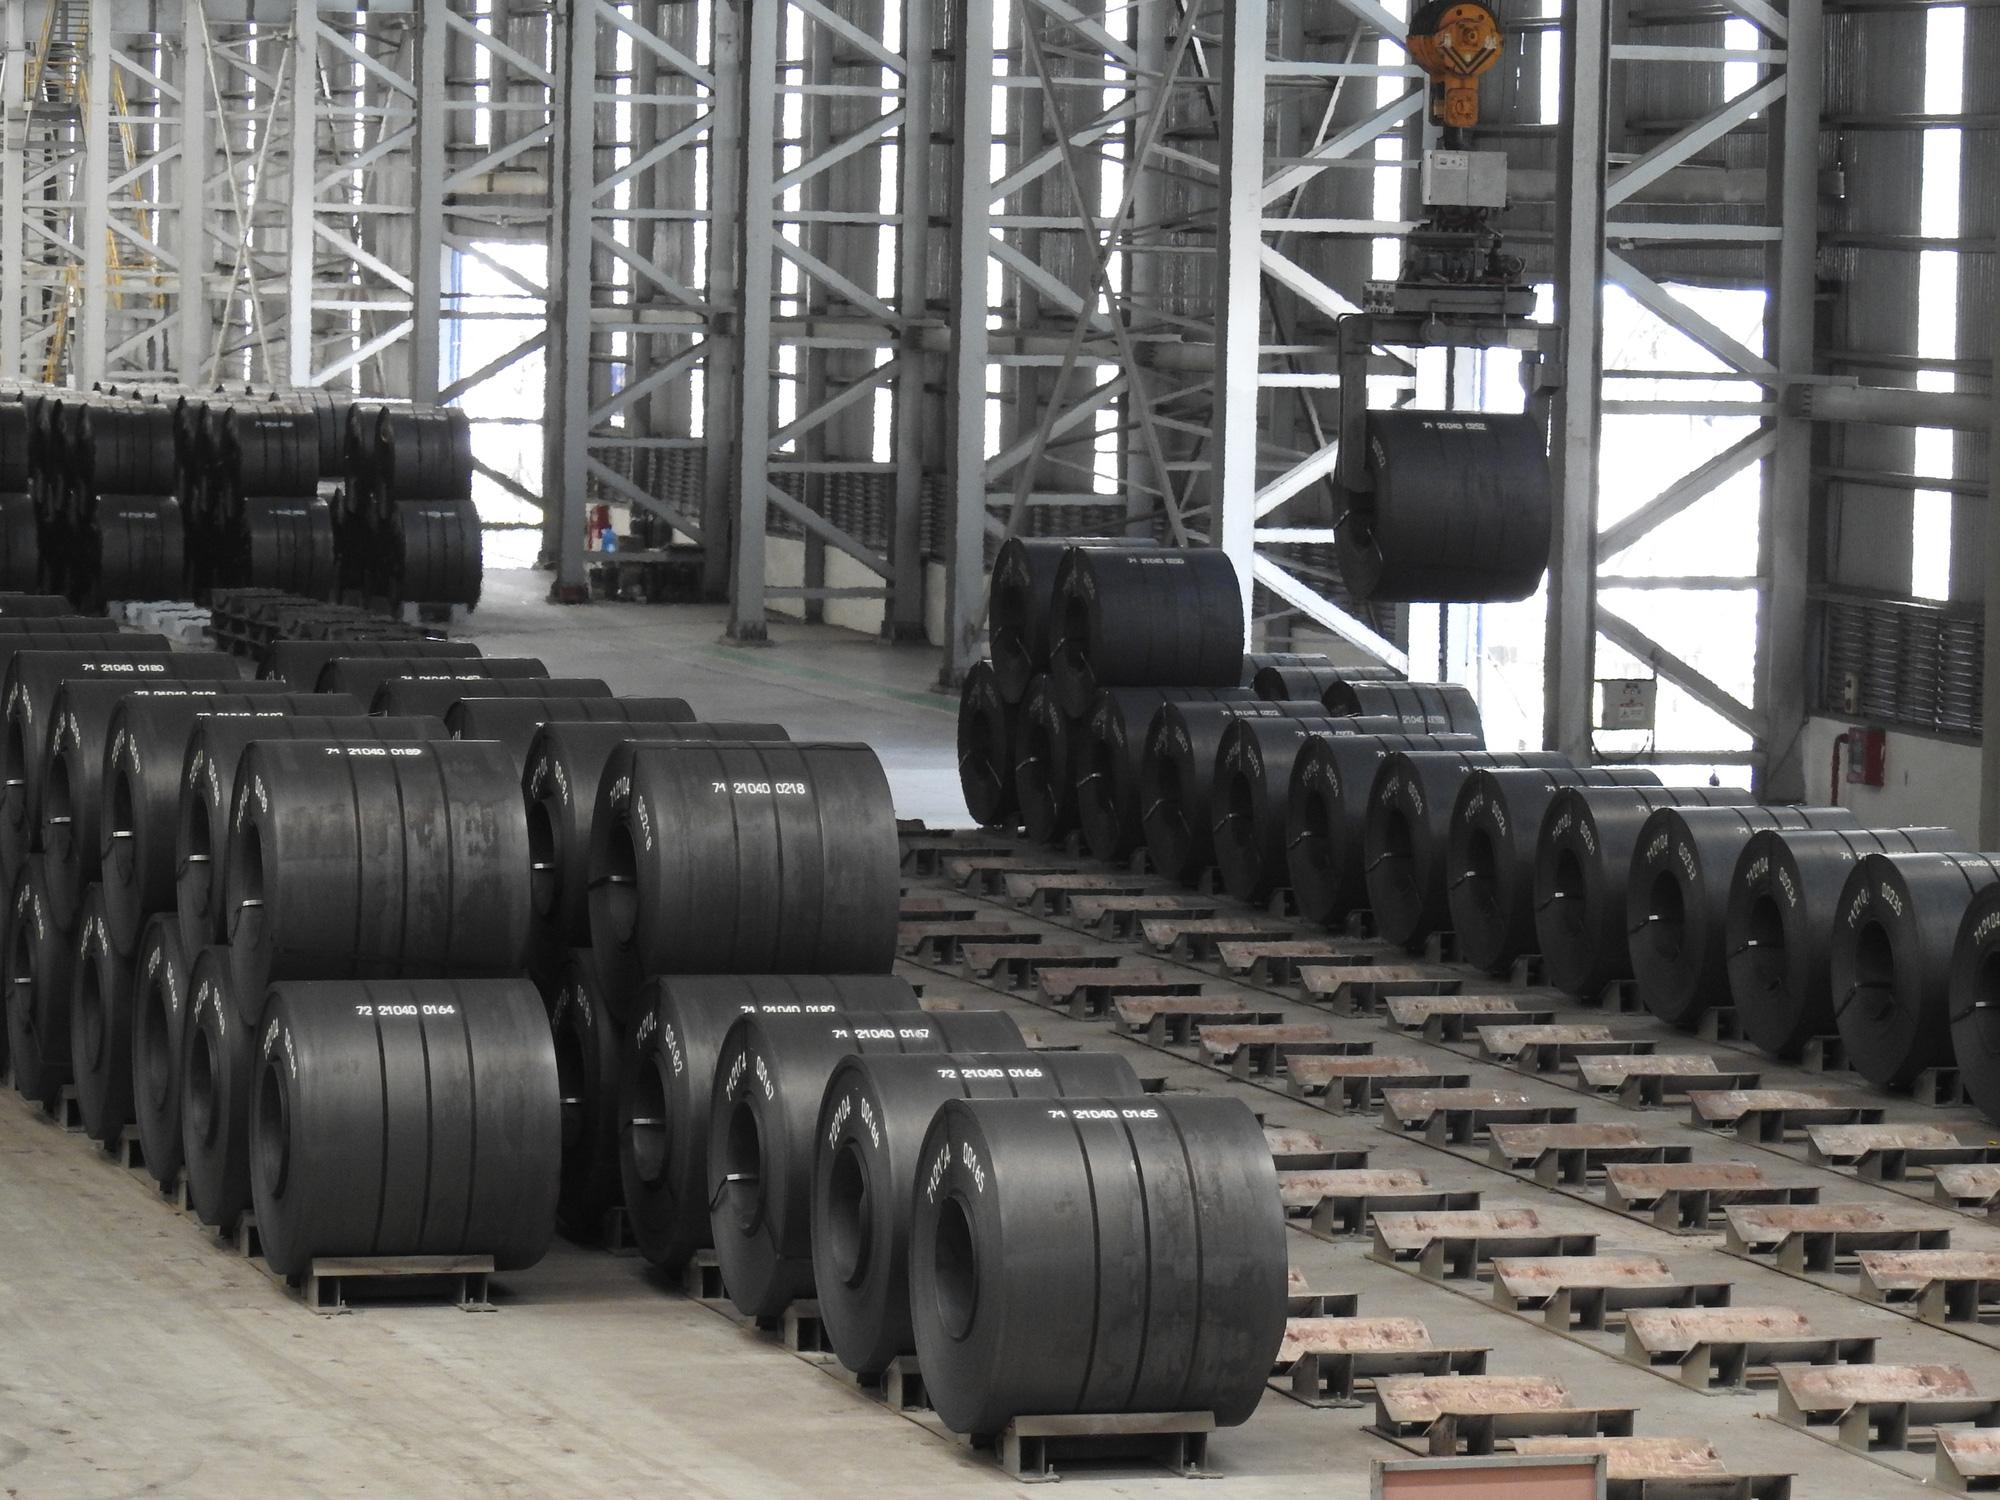 Hòa Phát tiêu thụ 695.000 tấn thép, giảm 20% so với tháng trước - Ảnh 1.